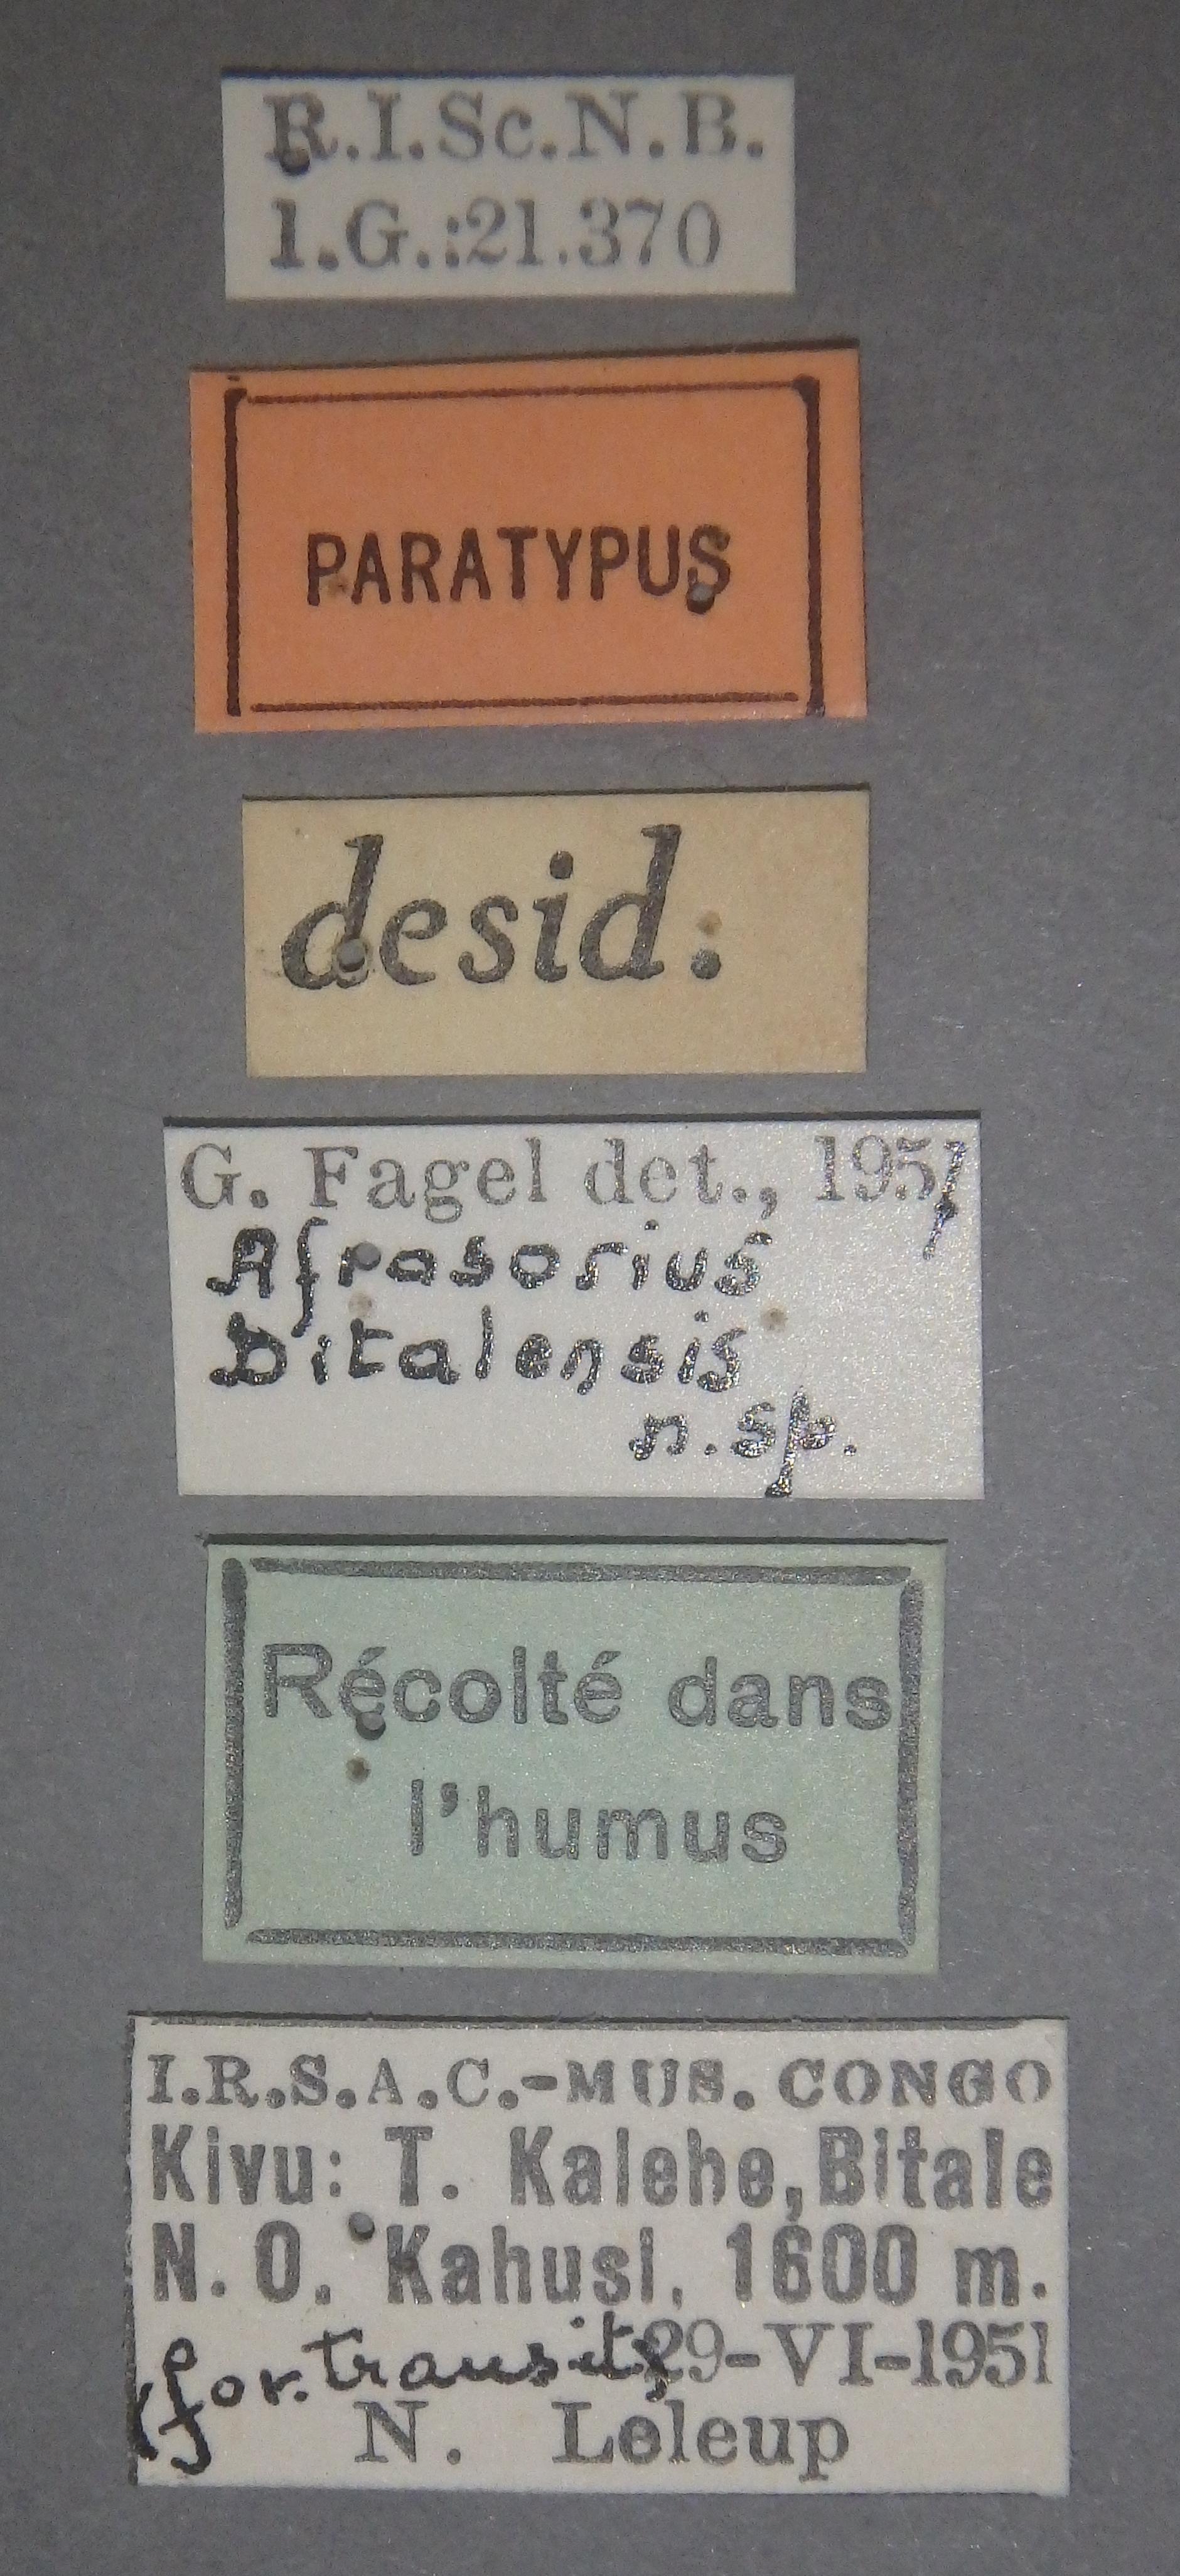 Afrosorius bitalensis pt Lb.JPG